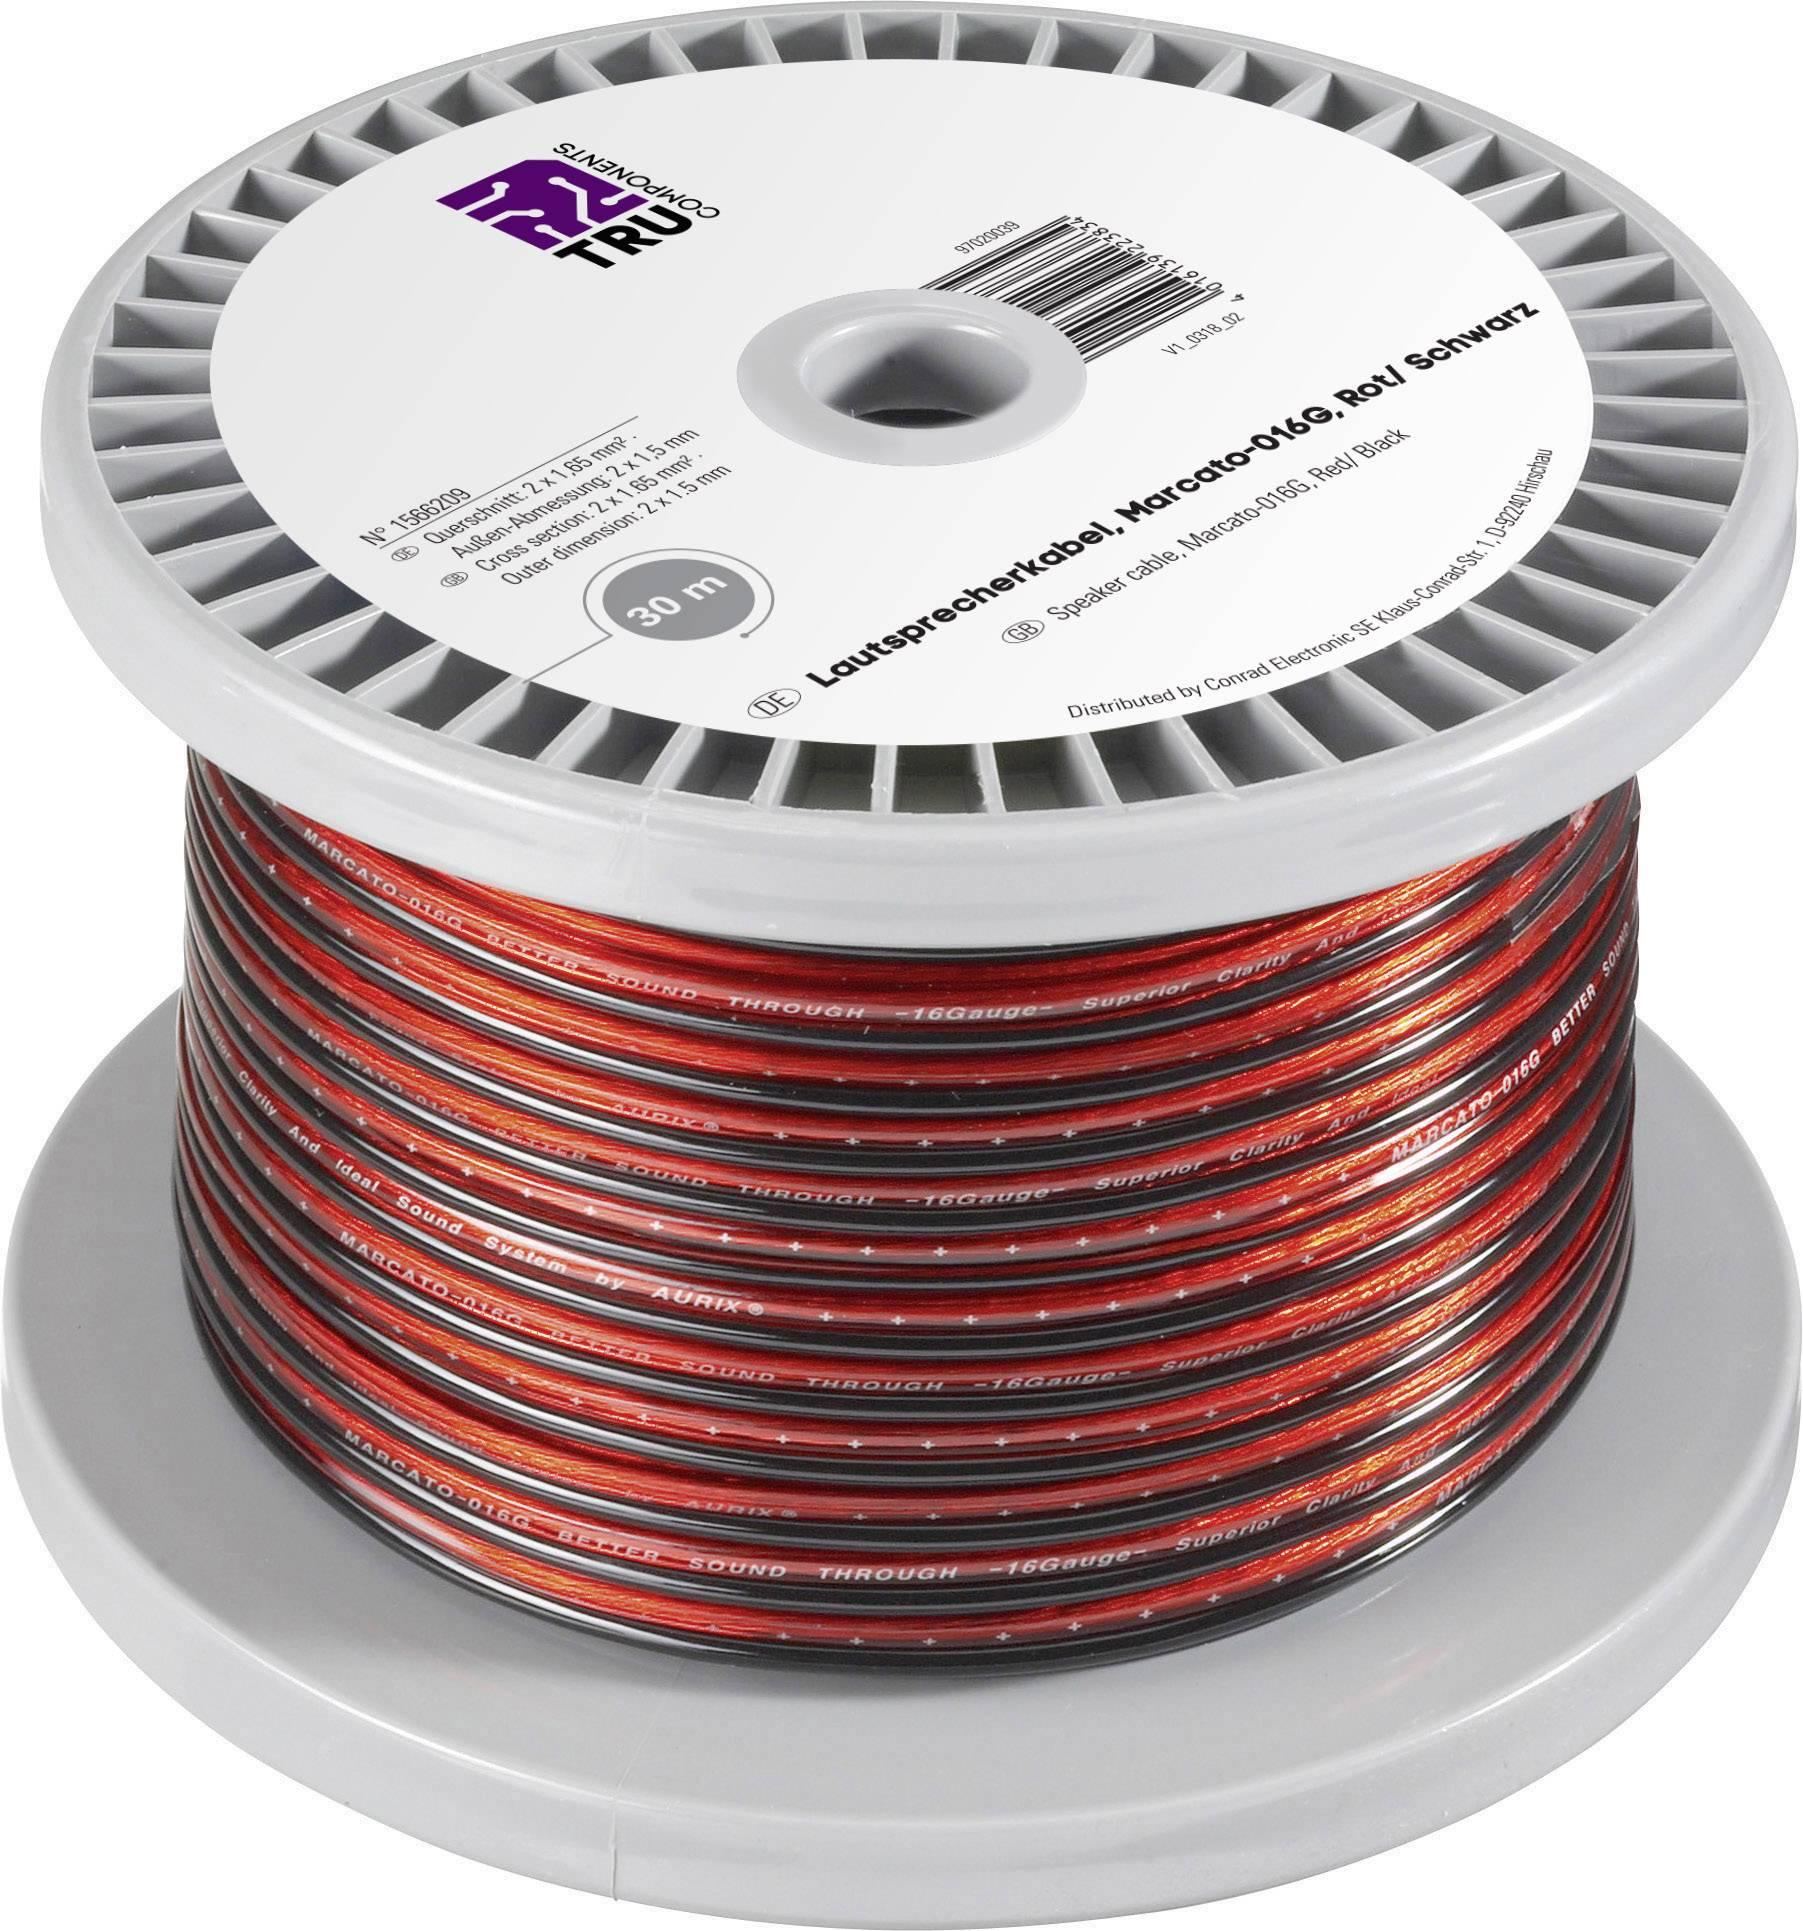 Lautsprecherkabel rot//schwarz 100 m Spule Querschnitt 2 x 2,5 mm²